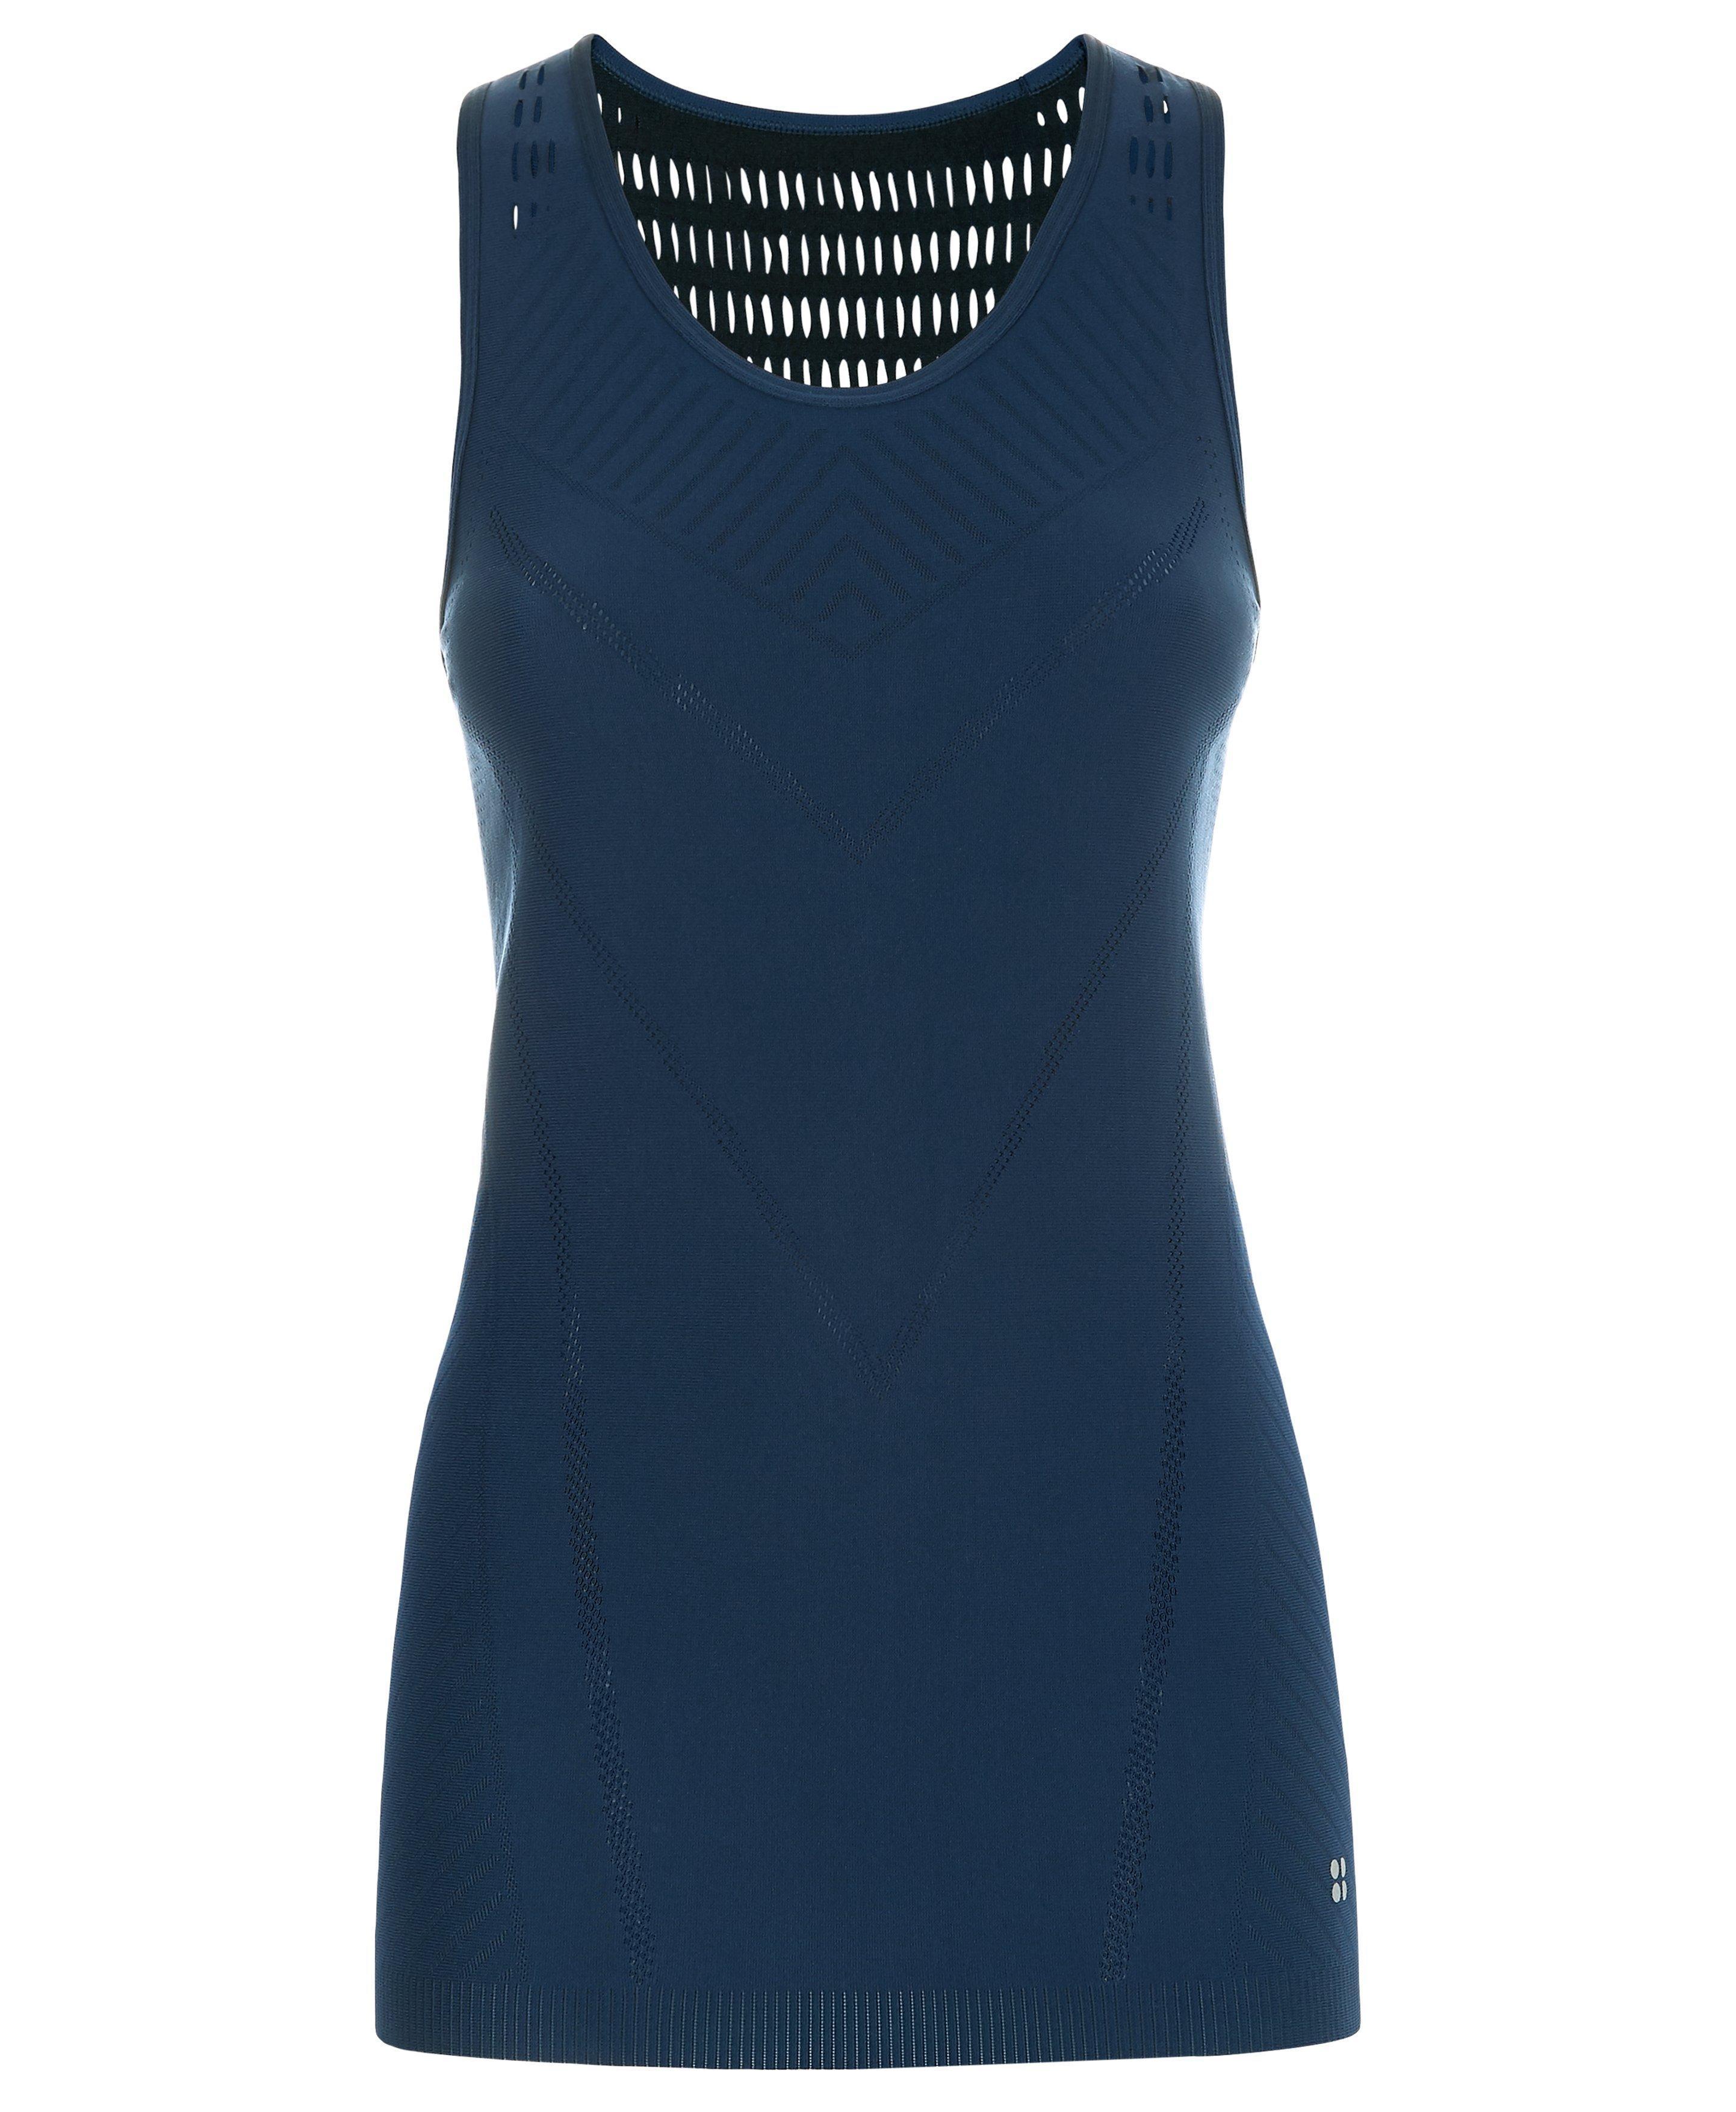 luxe athlete vest